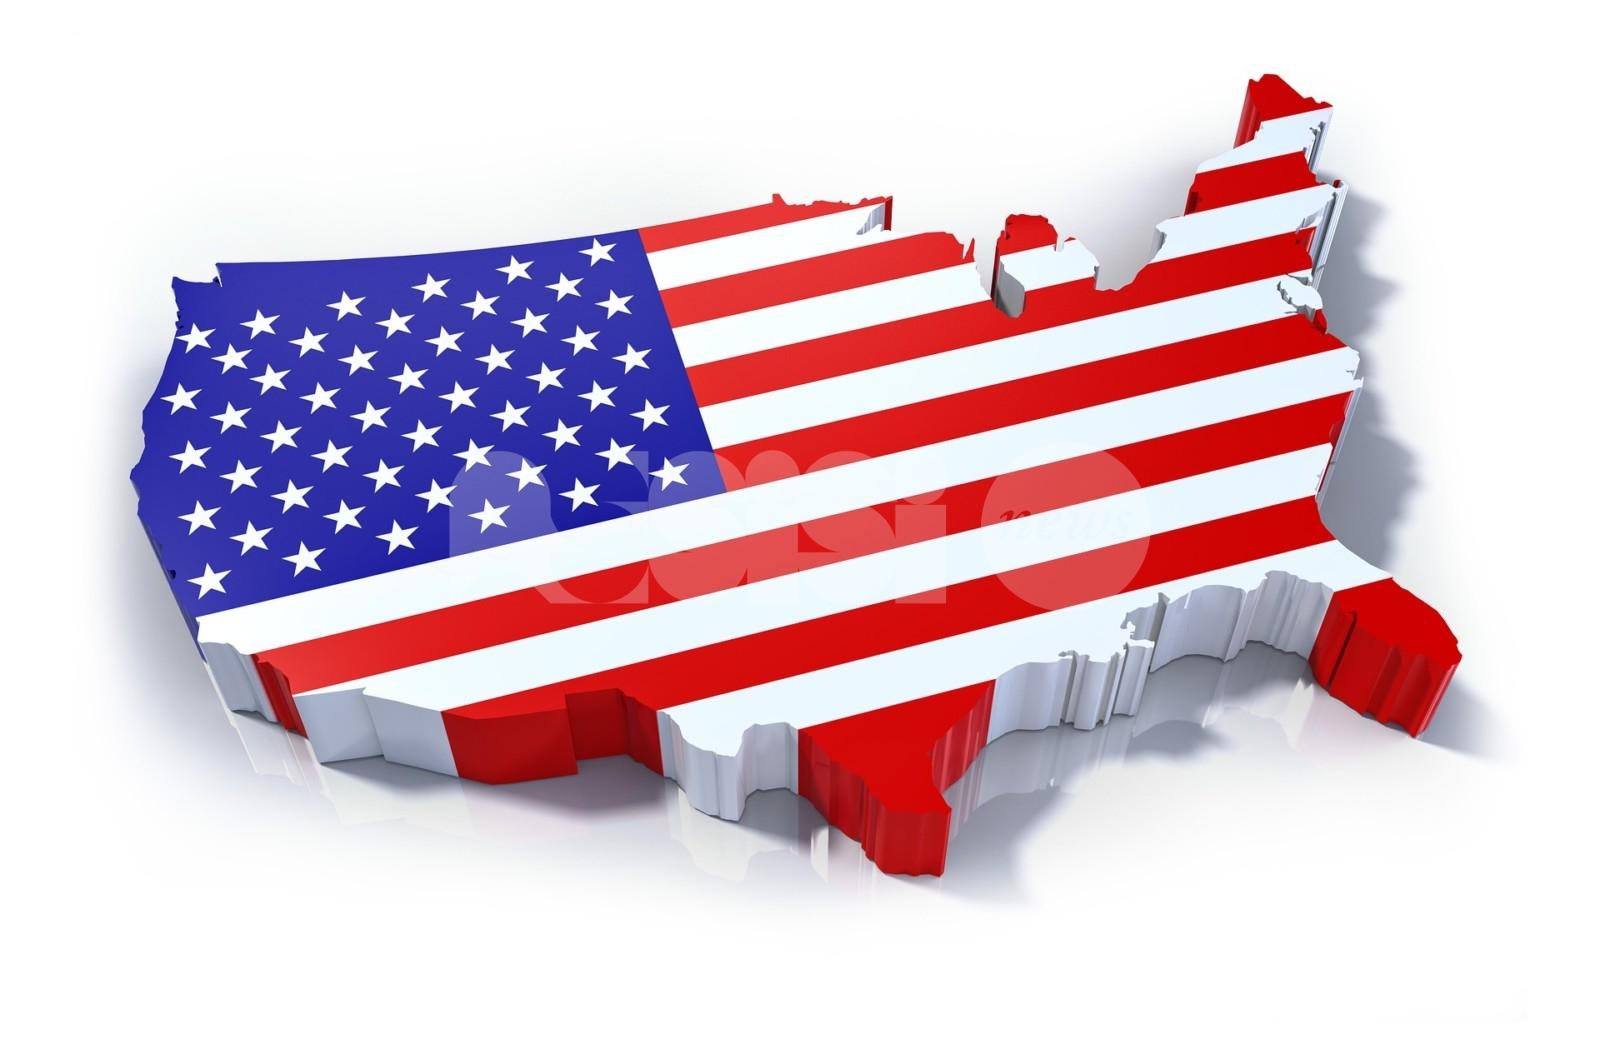 Preghiera per gli Stati Uniti, si terrà il 27 gennaio 2021 per lo Spirito di Assisi